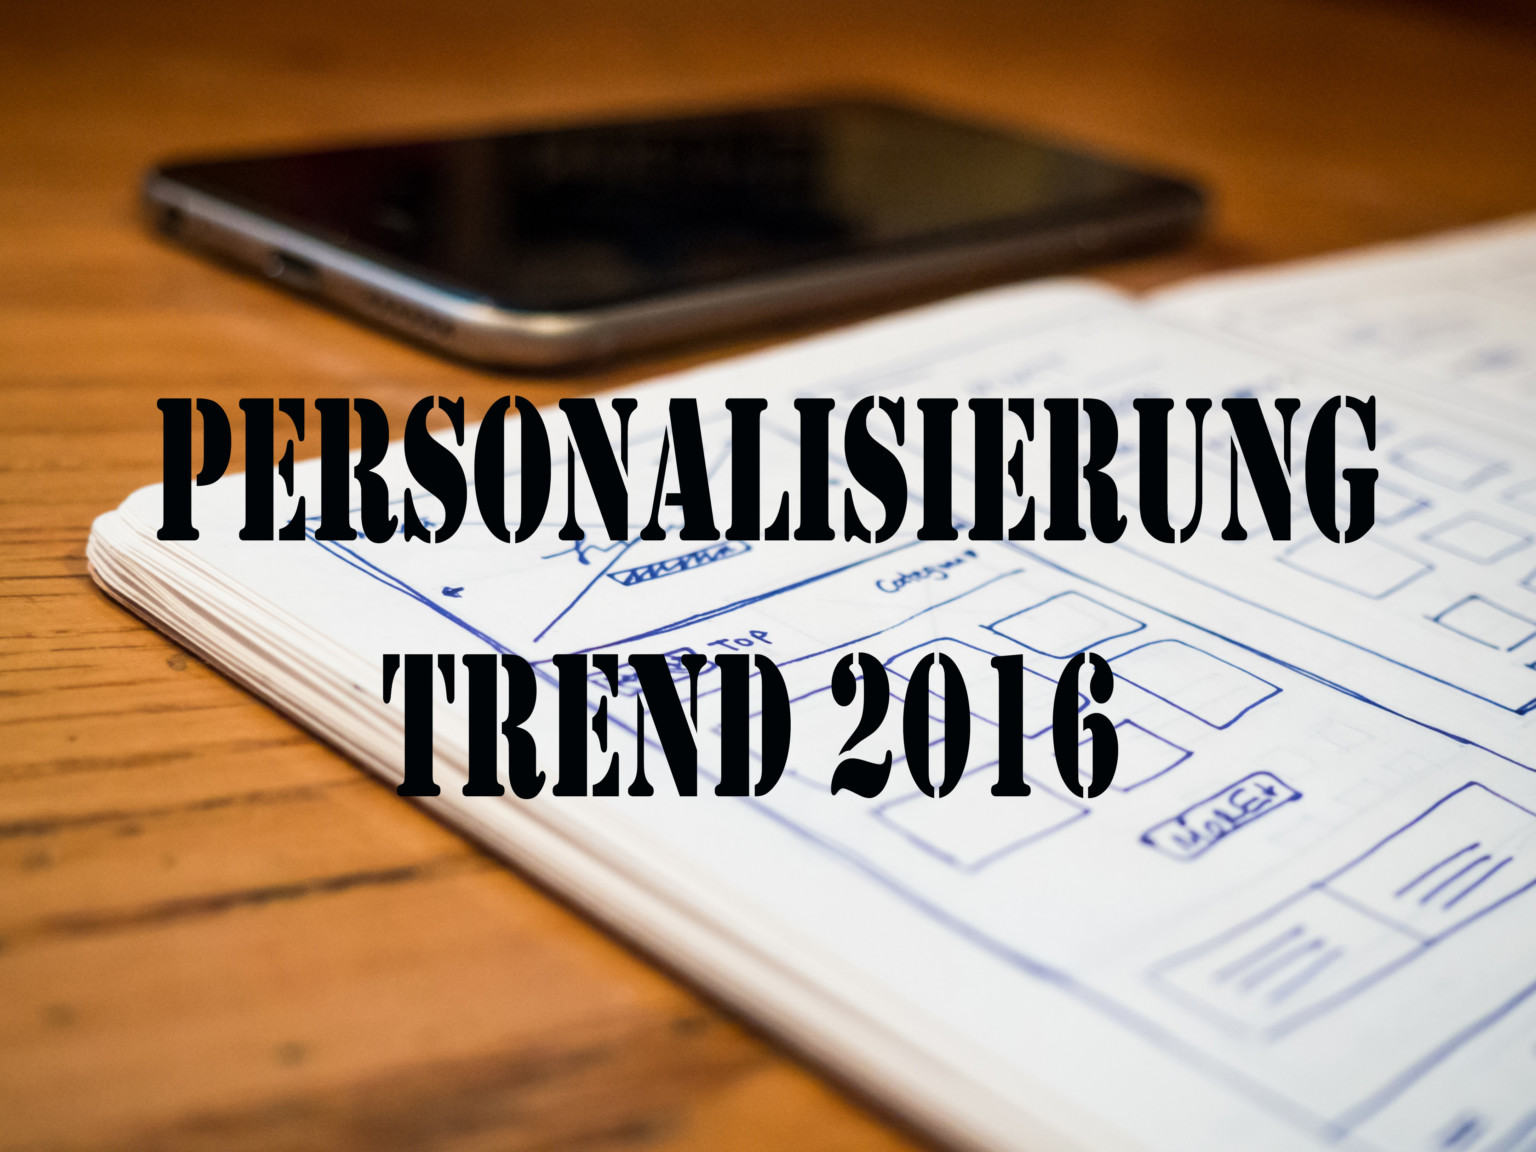 Personalisierung Trend 2016